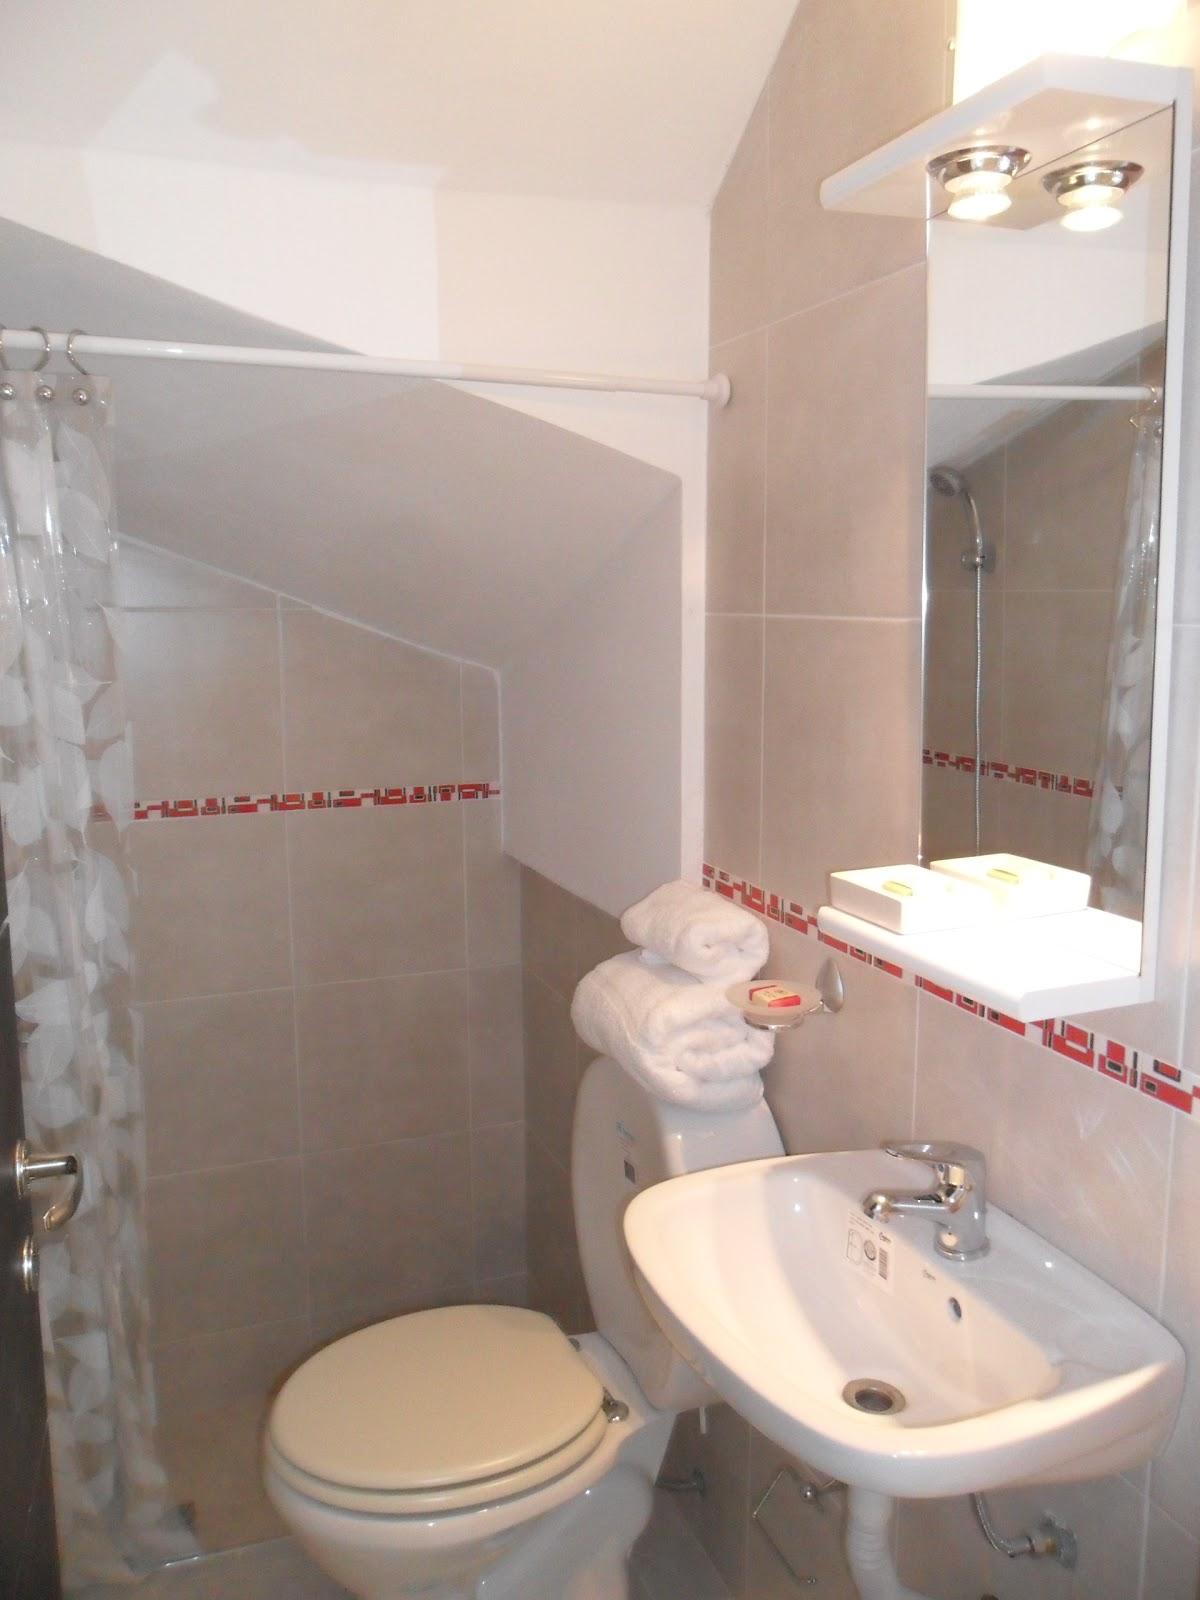 Feng Shui Tapa Del Baño:Haya Disegno: Diseño en baños y Feng Shui